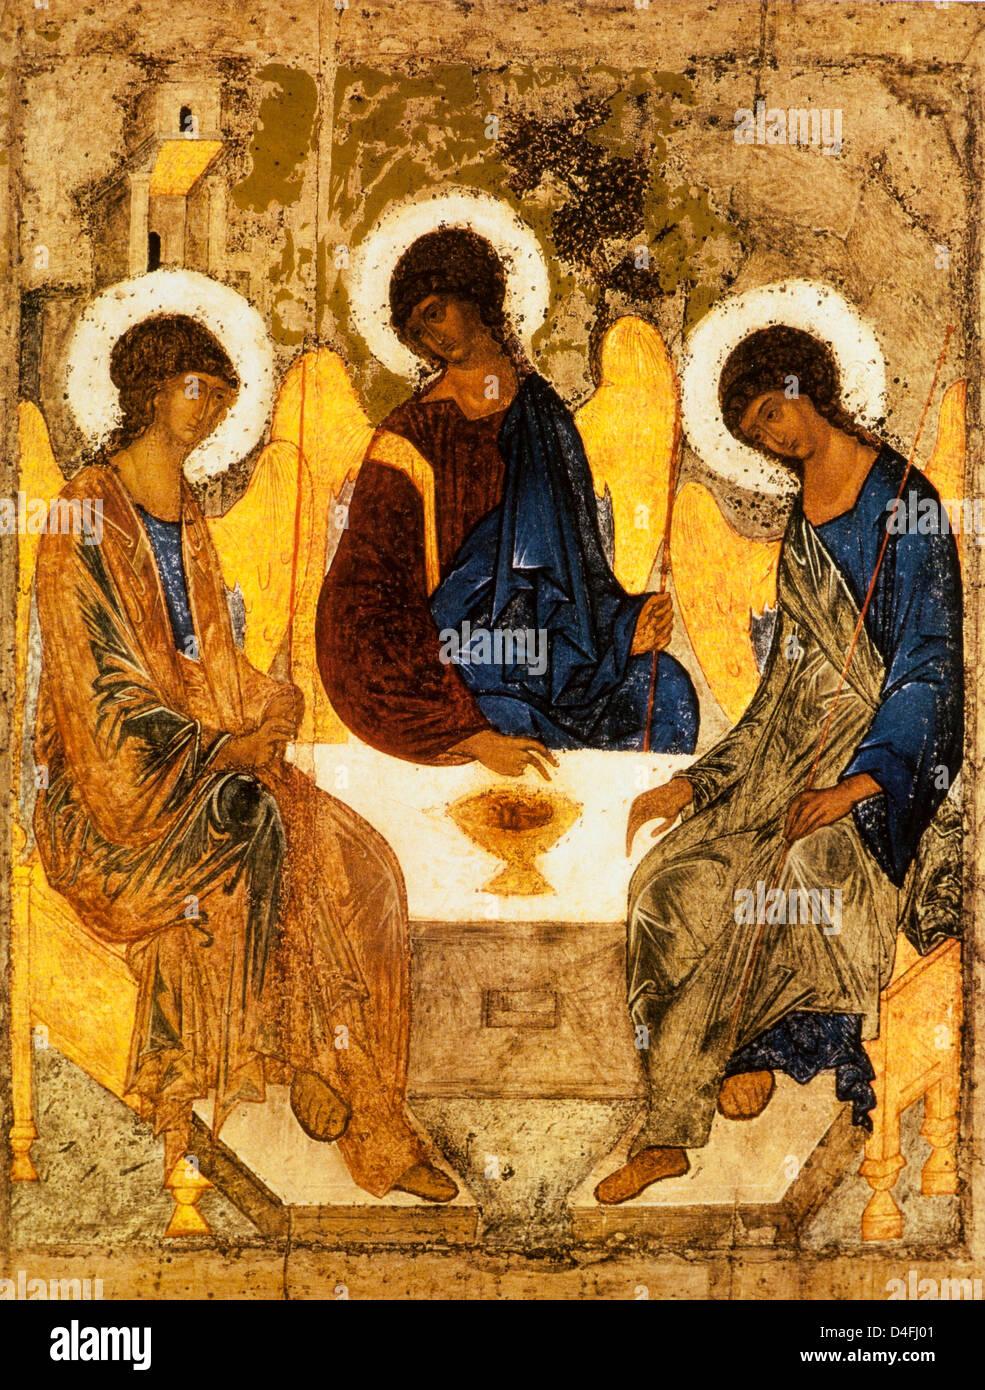 Icône de la Trinité, ch. 1411 par Andrei Rubley à la Galerie Tretiakov, Moscou Photo Stock